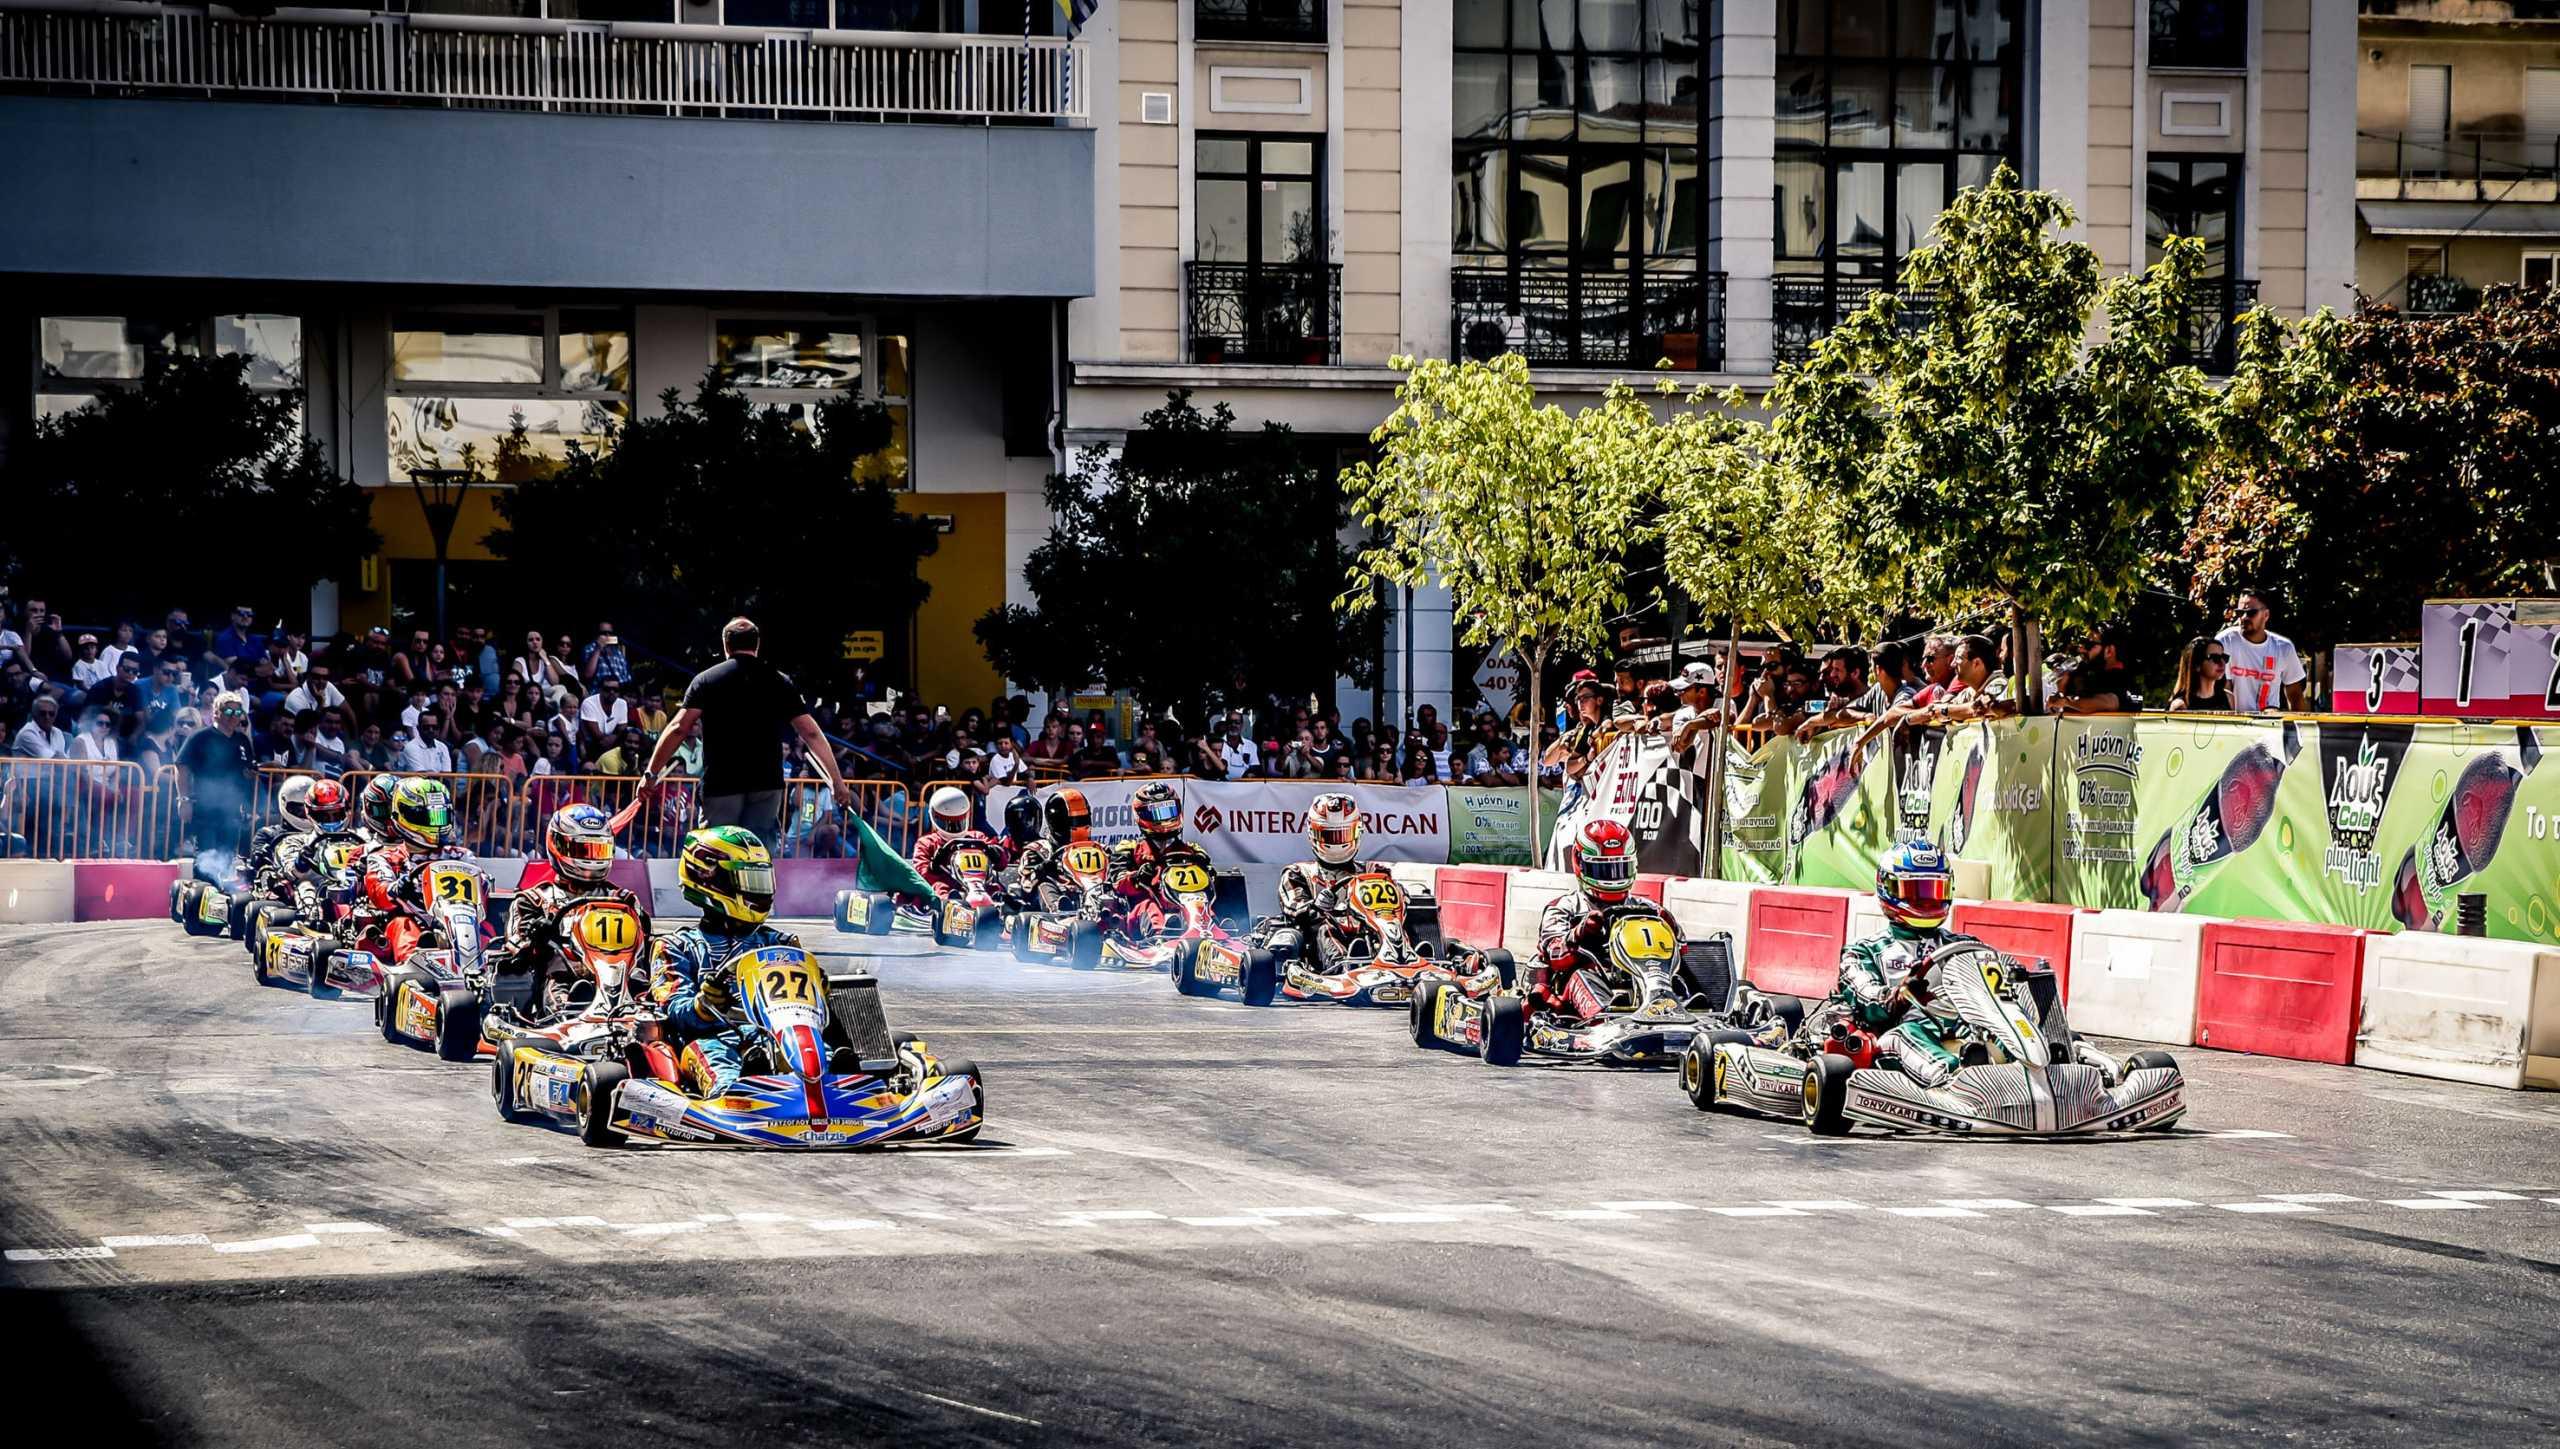 «Ανάβουν μηχανές» στην Πάτρα για το 13ο Pick Λουξ Cola Plus 'n Light – Οι αγώνες θα διεξαχθούν στις 18 και 19/9